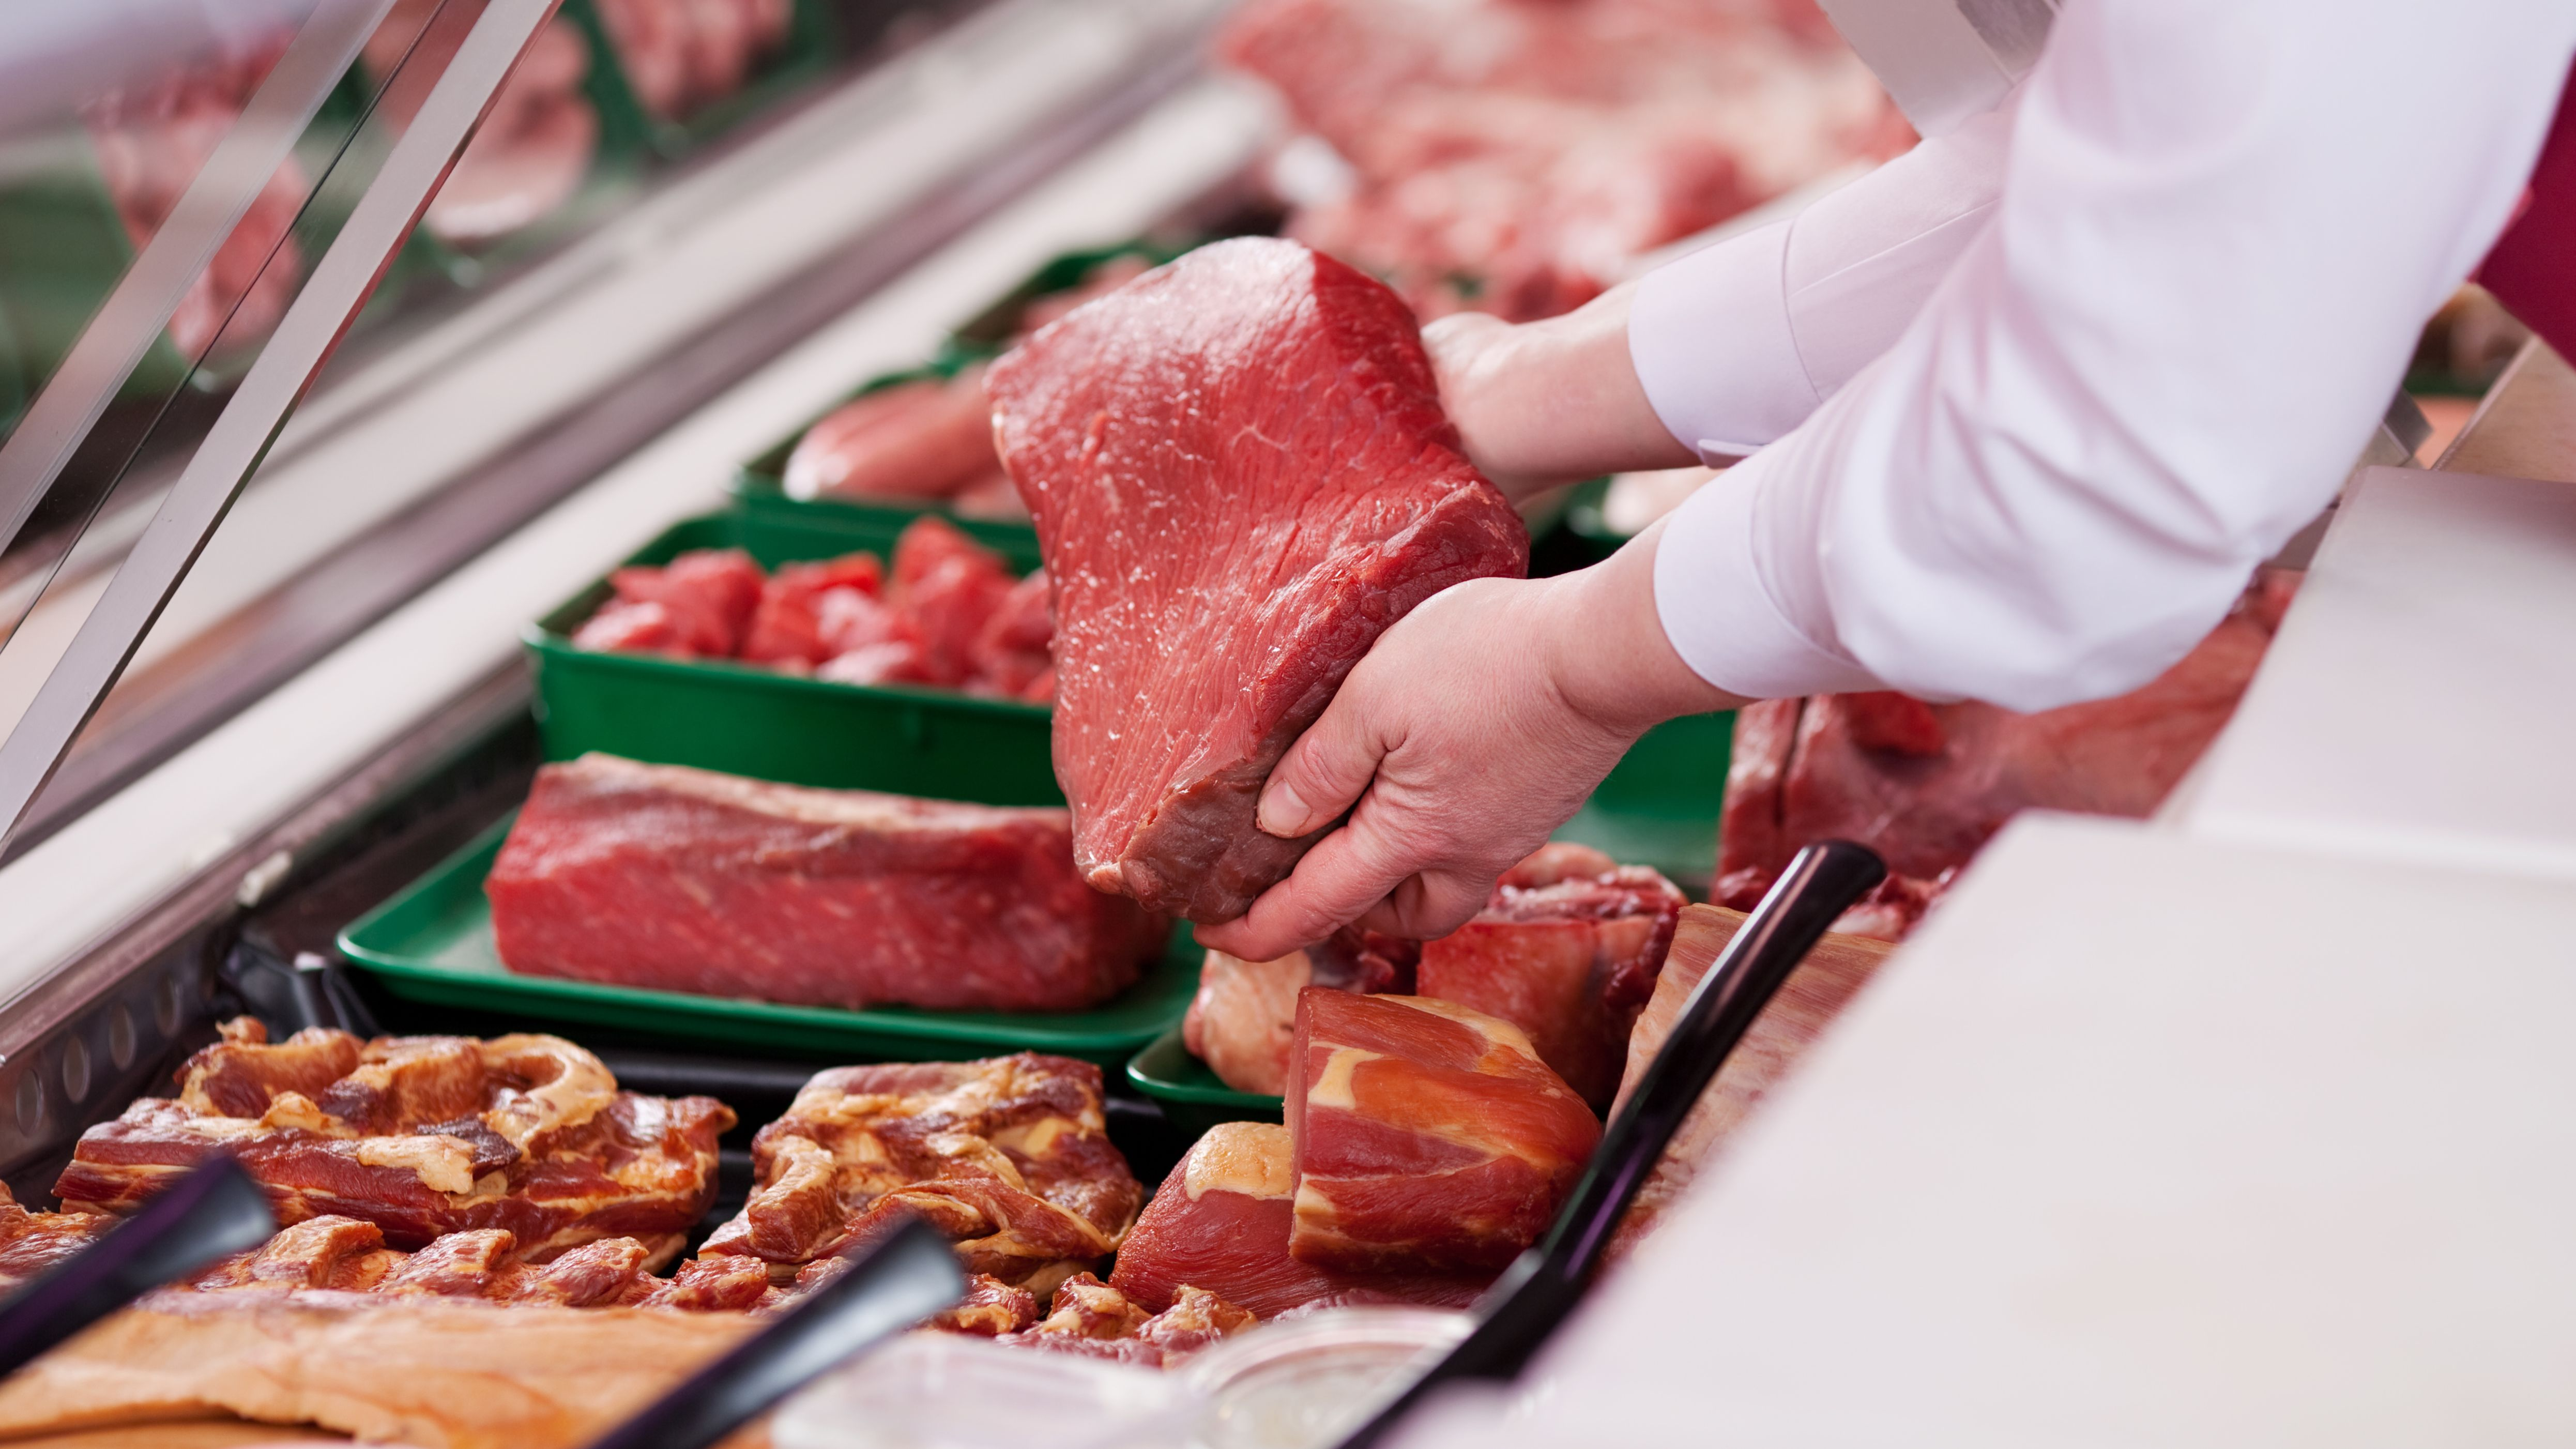 Politiker fordern höhere Mehrwertsteuer auf Fleisch